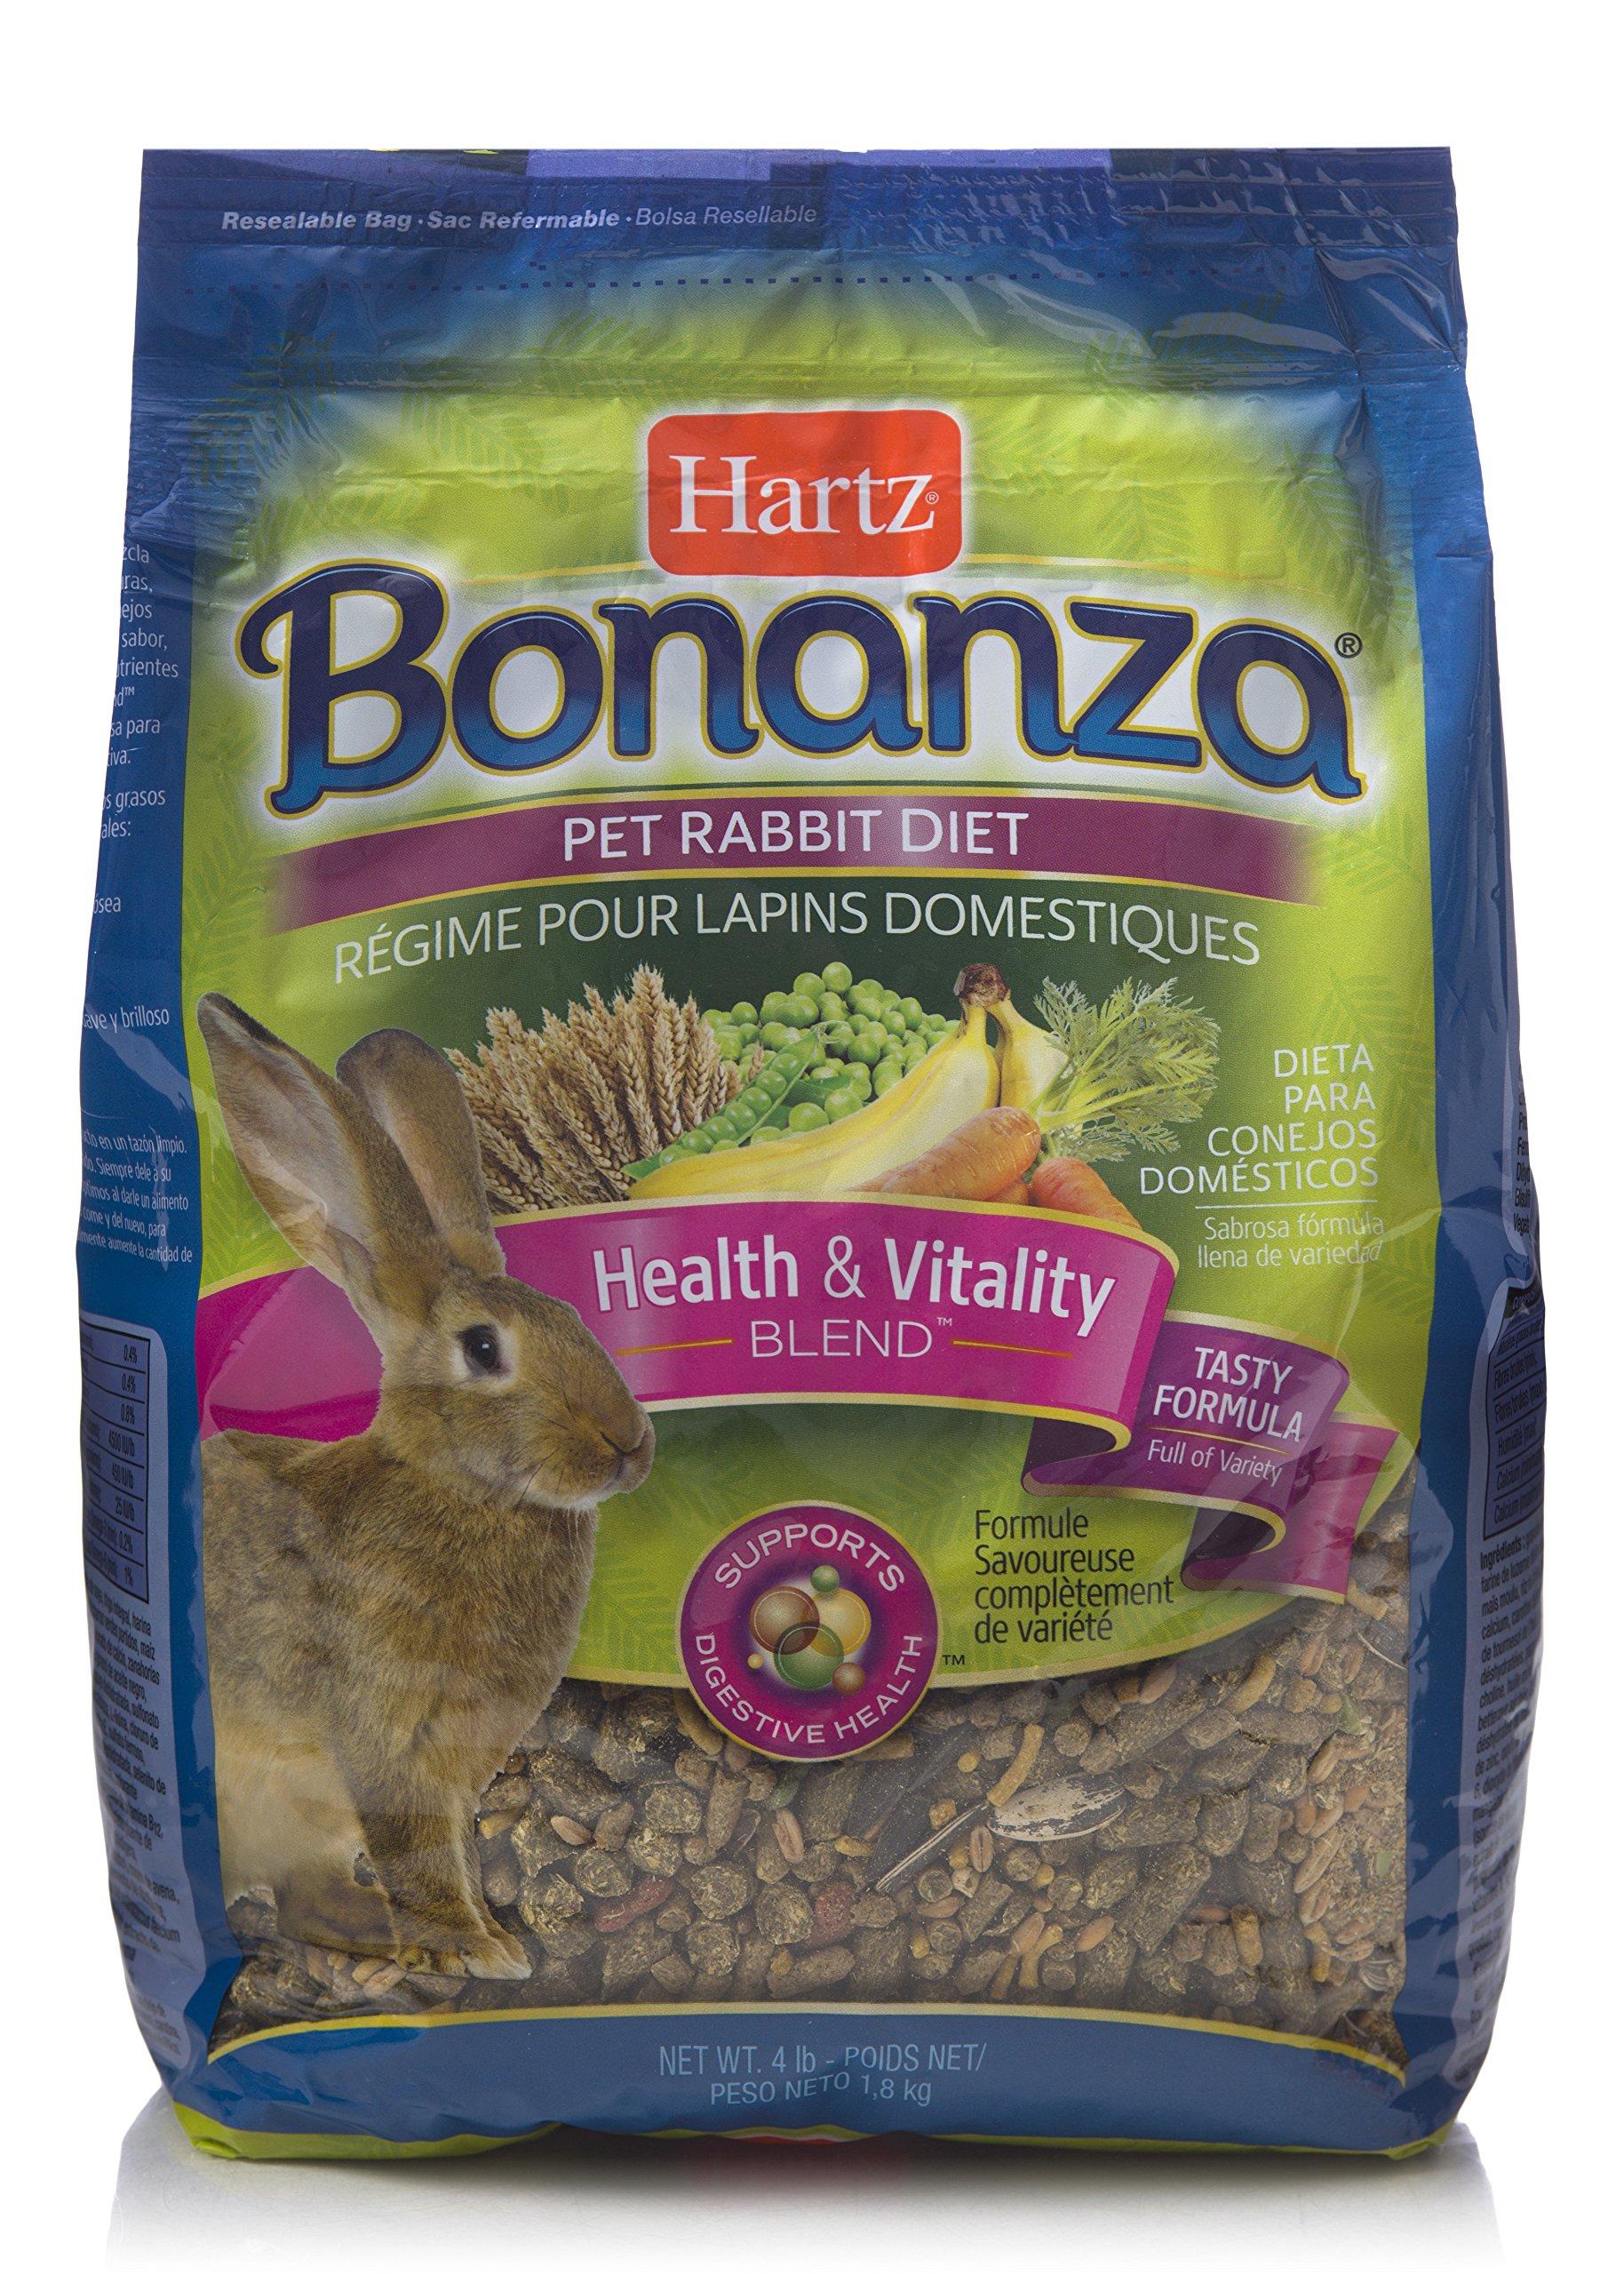 HARTZ Bonanza Gourmet Rabbit Small Animal Food - 4lb